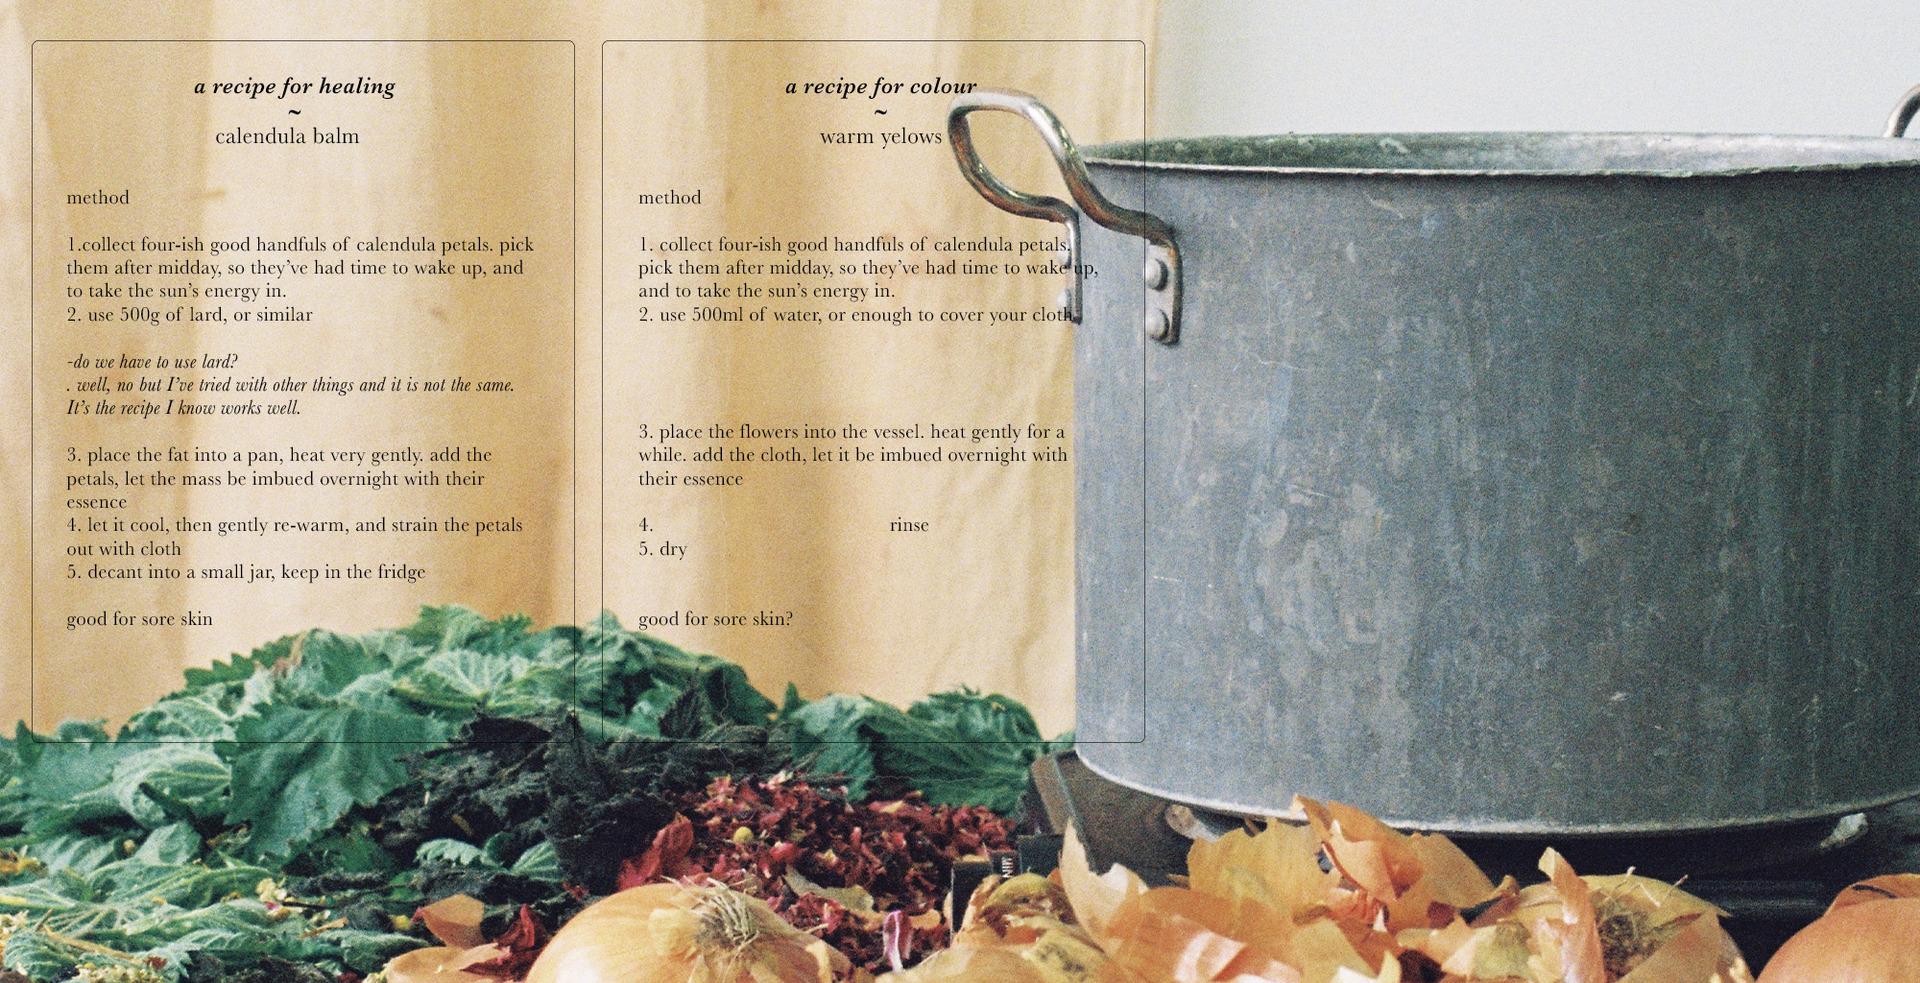 A recipe, shared